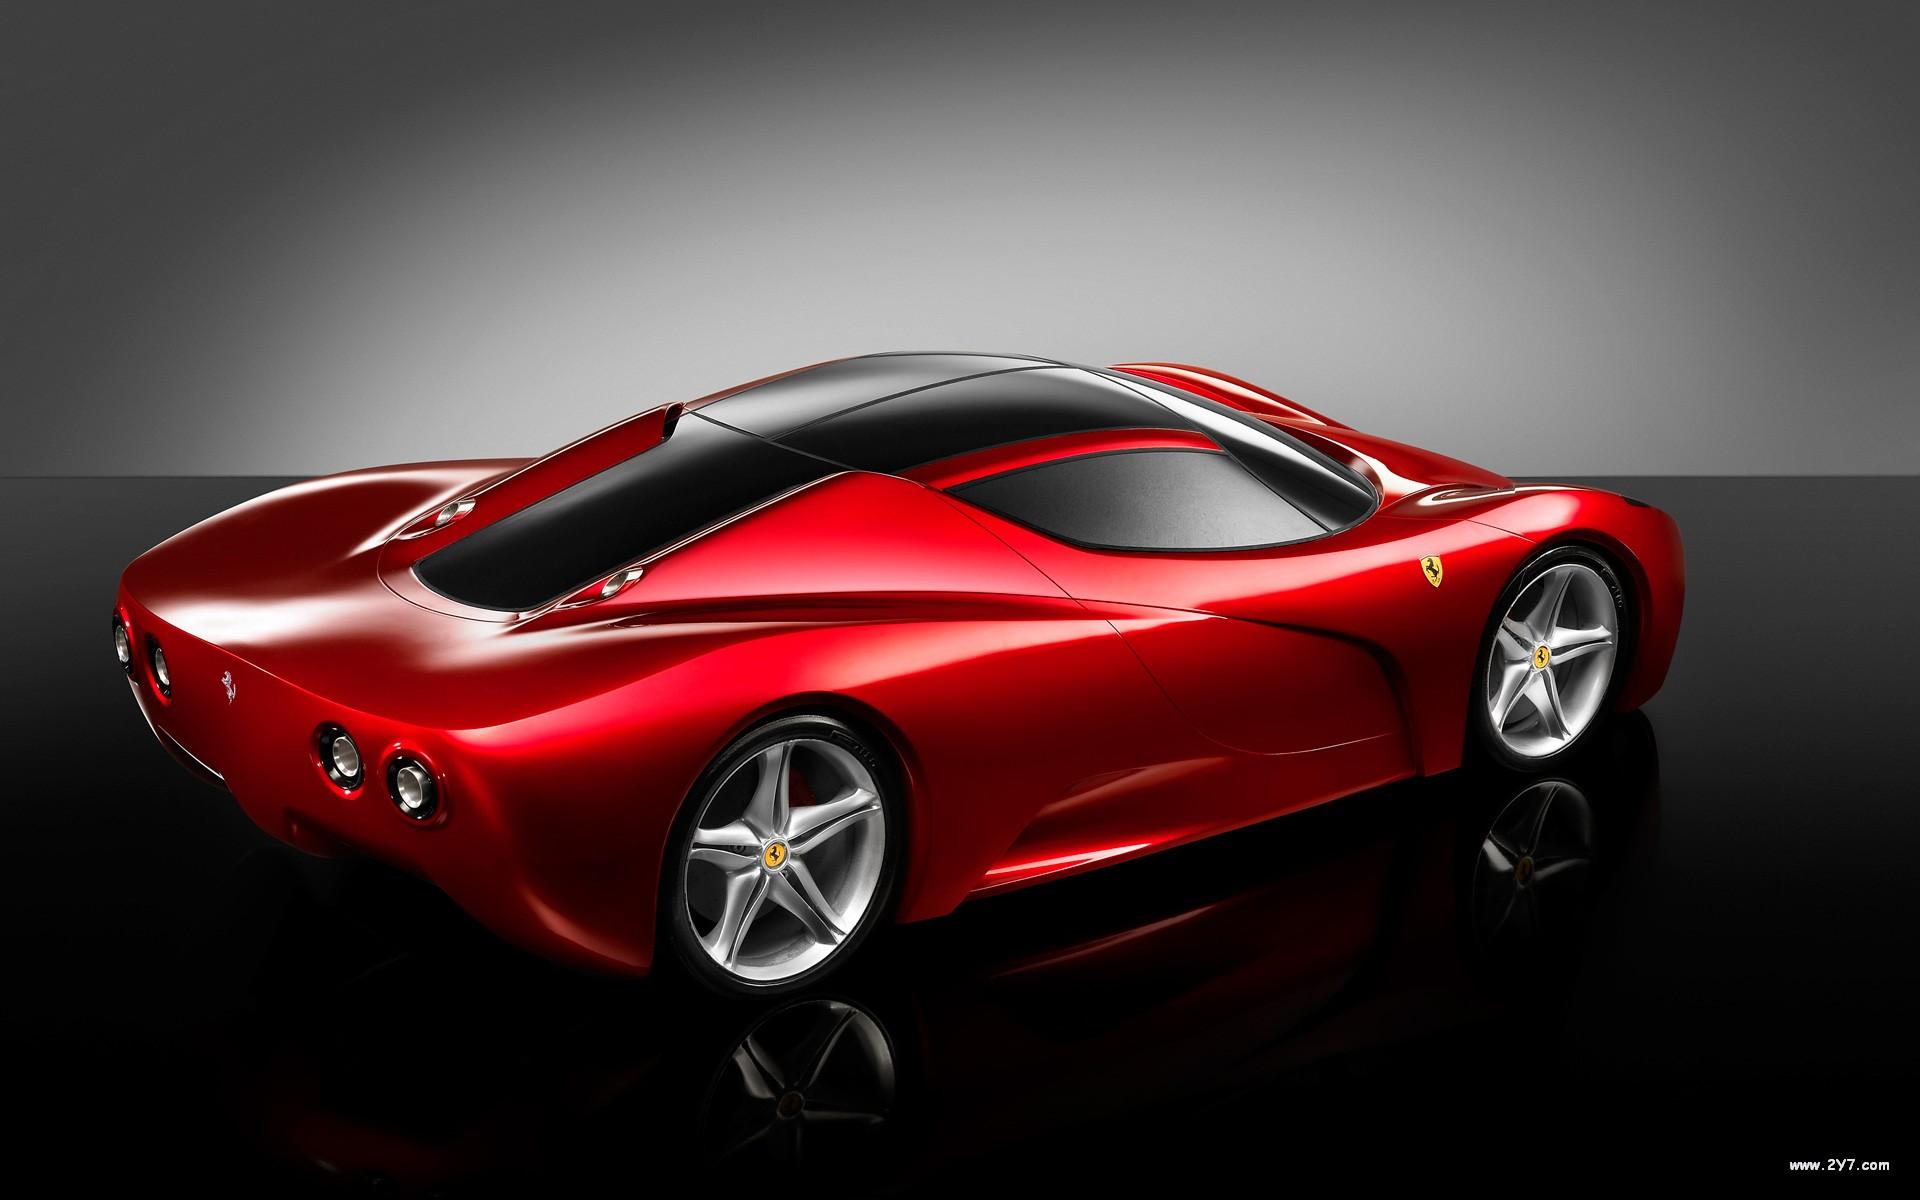 Kids N Fun De Hintergrundbild Ferrari Concept Cars Ferrari Concept Cars